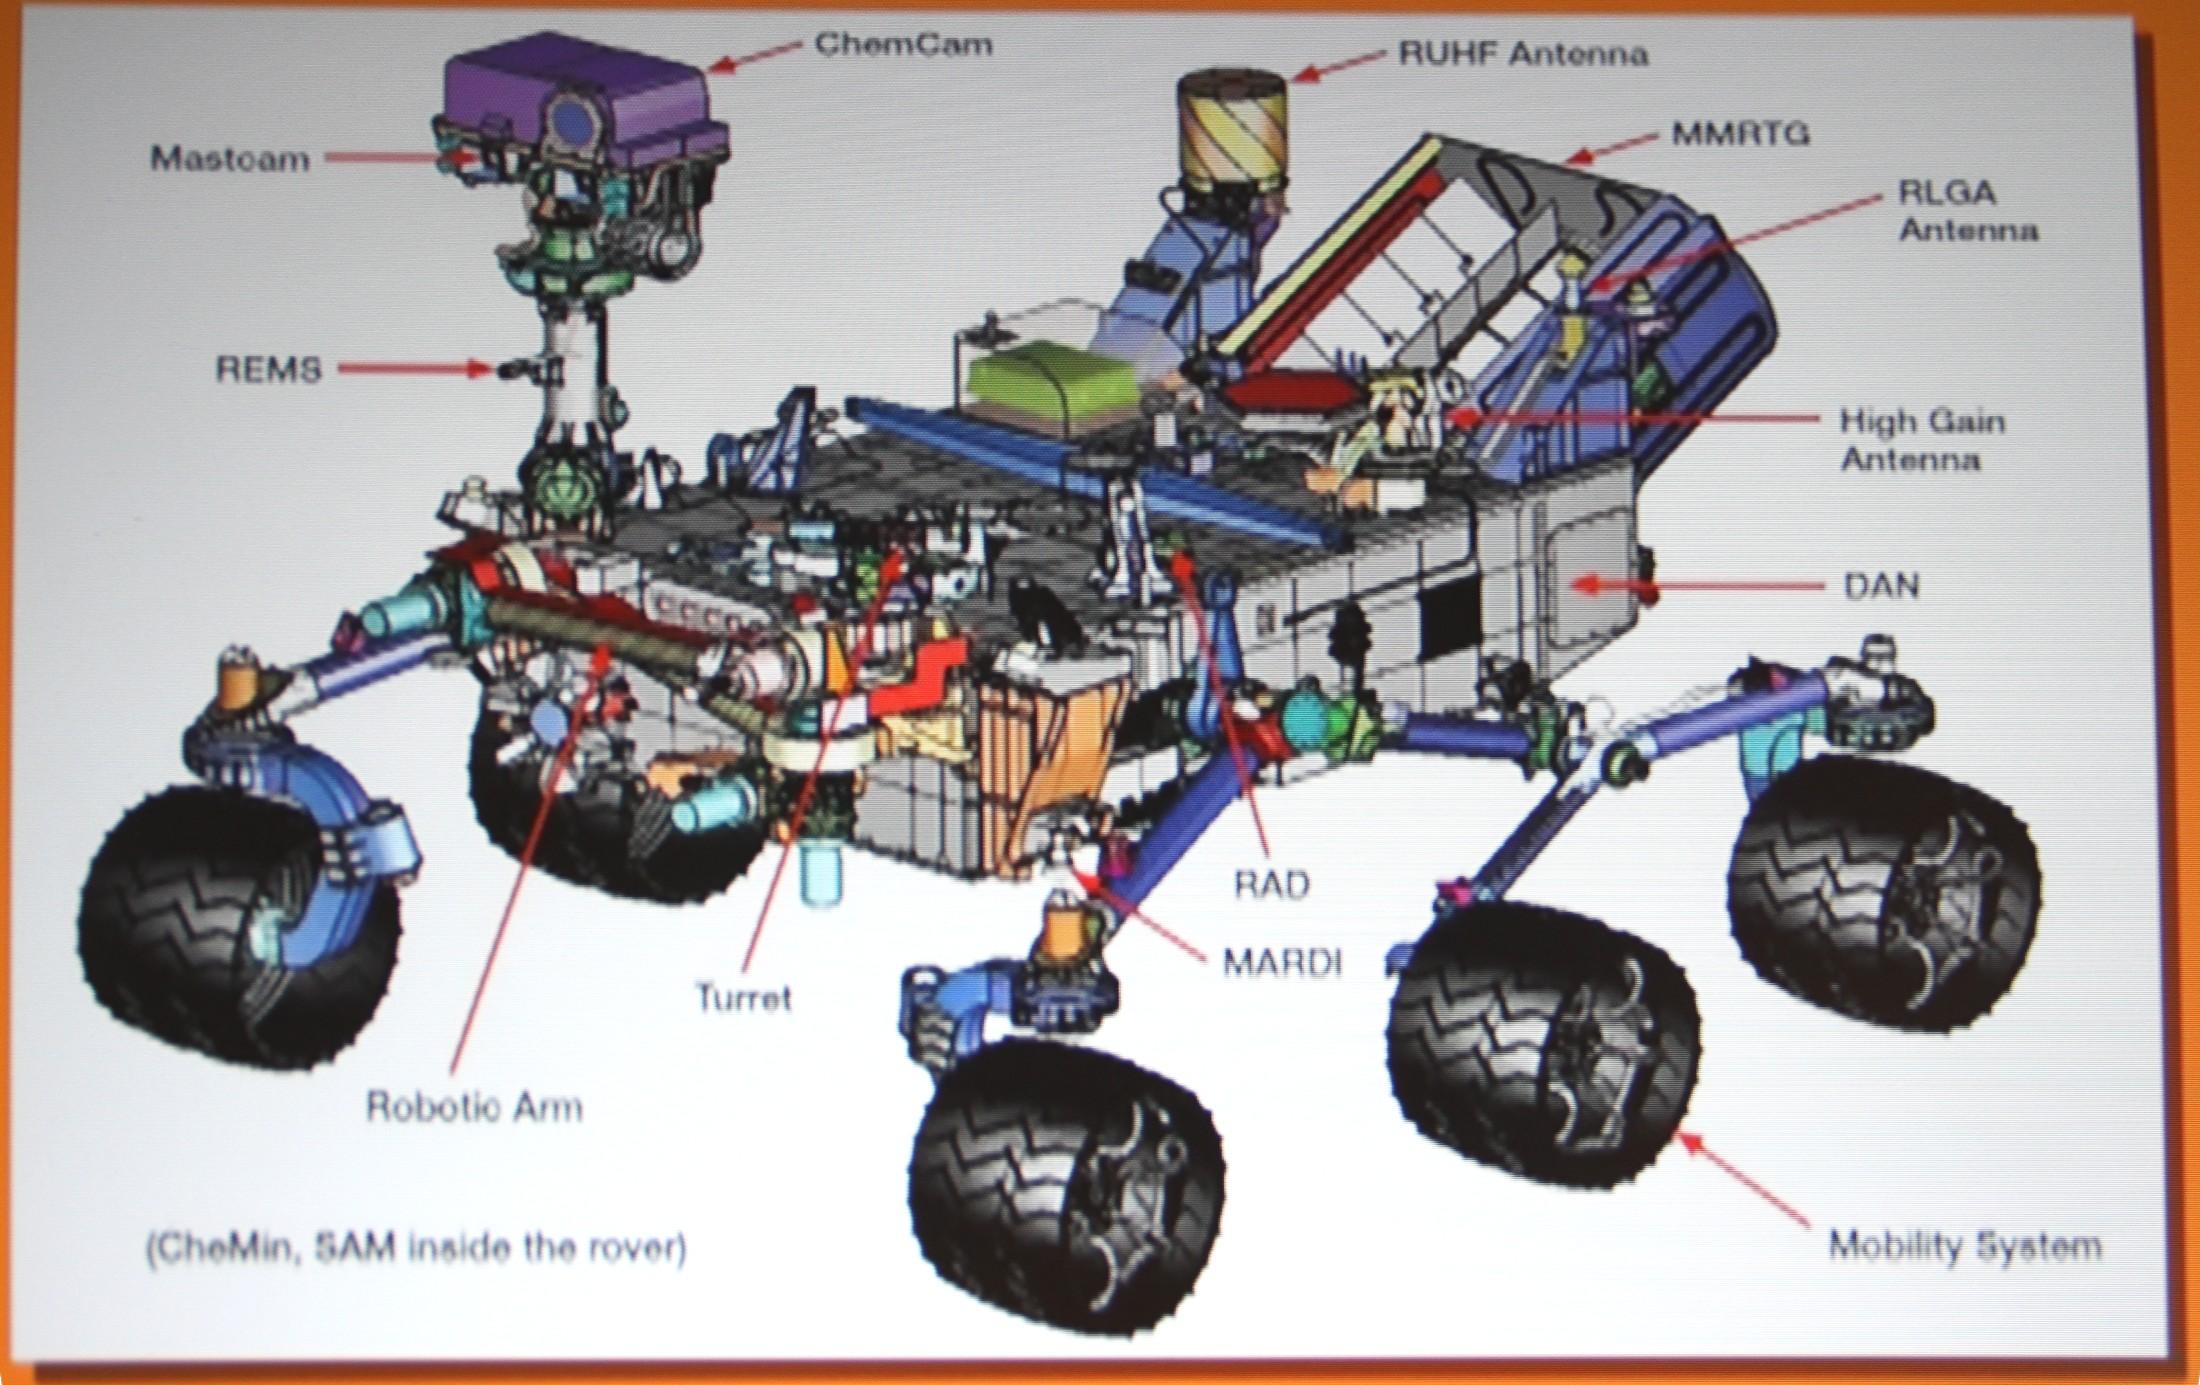 14 12 18 - 17h 53m 25s - Expo l'eau sur Mars pavillon de l'eau rec